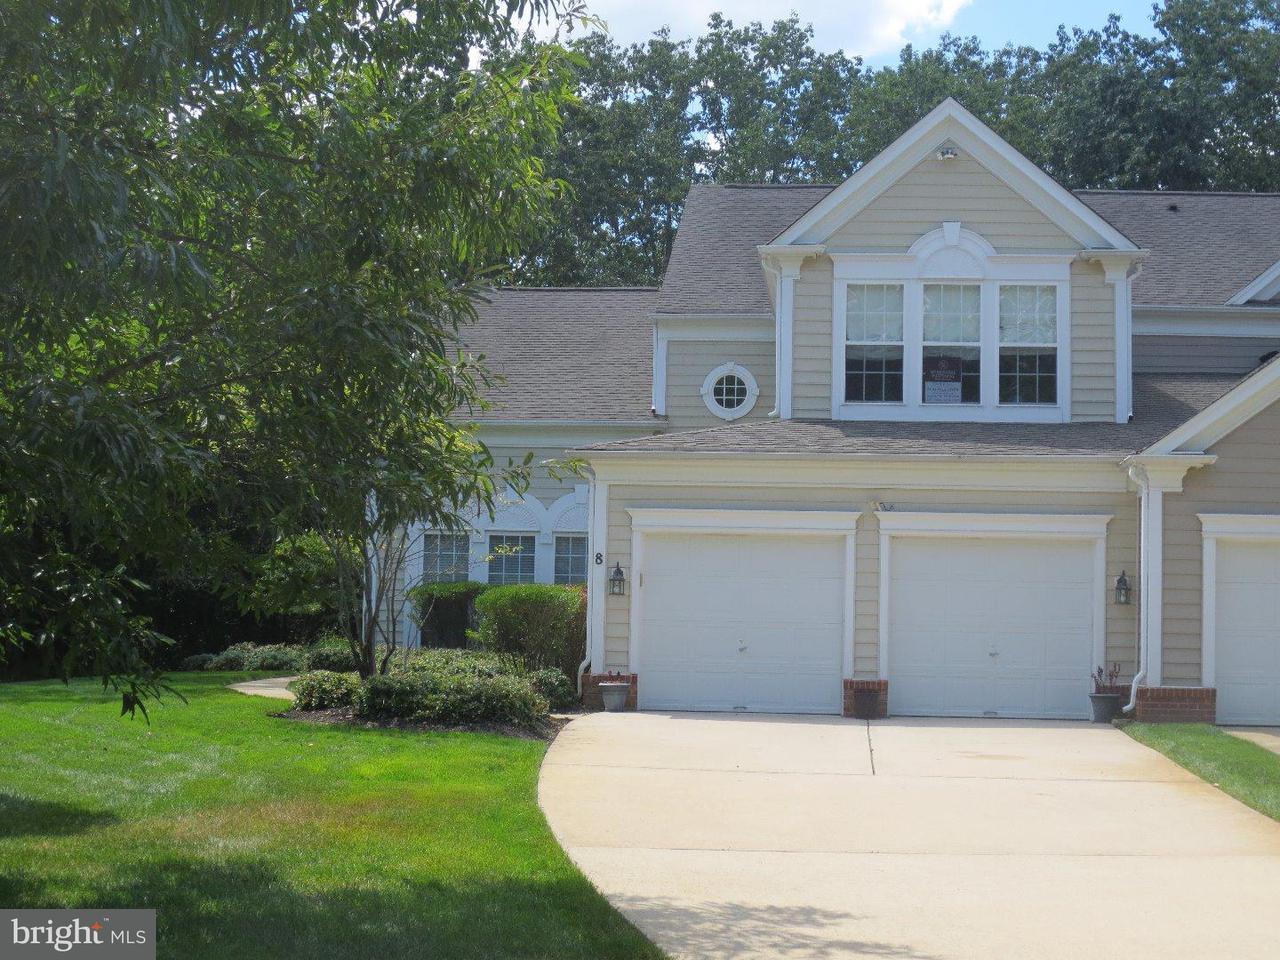 Casa unifamiliar adosada (Townhouse) por un Venta en 8 BOXWOOD Lane Medford, Nueva Jersey 08055 Estados Unidos